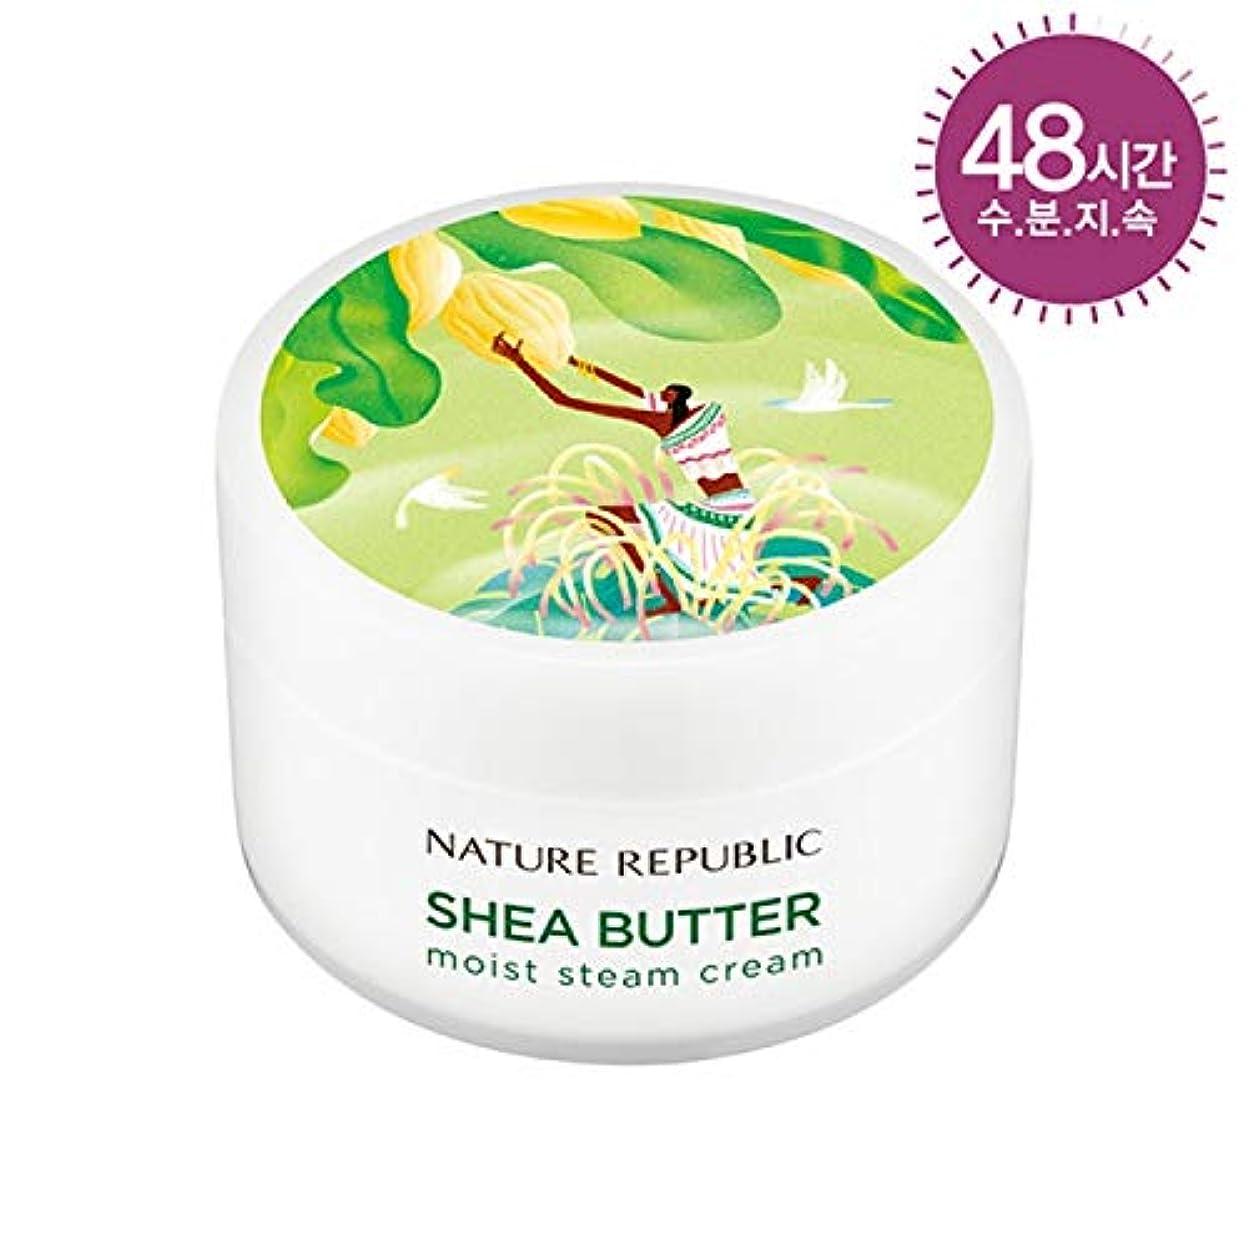 穏やかな社会科貧しいネイチャーリパブリック(Nature Republic)シェアバタースチームクリームモイスト[中乾燥肌] 100ml / Shea Butter Steam Cream 100ml (Moist) :: 韓国コスメ [並行輸入品]